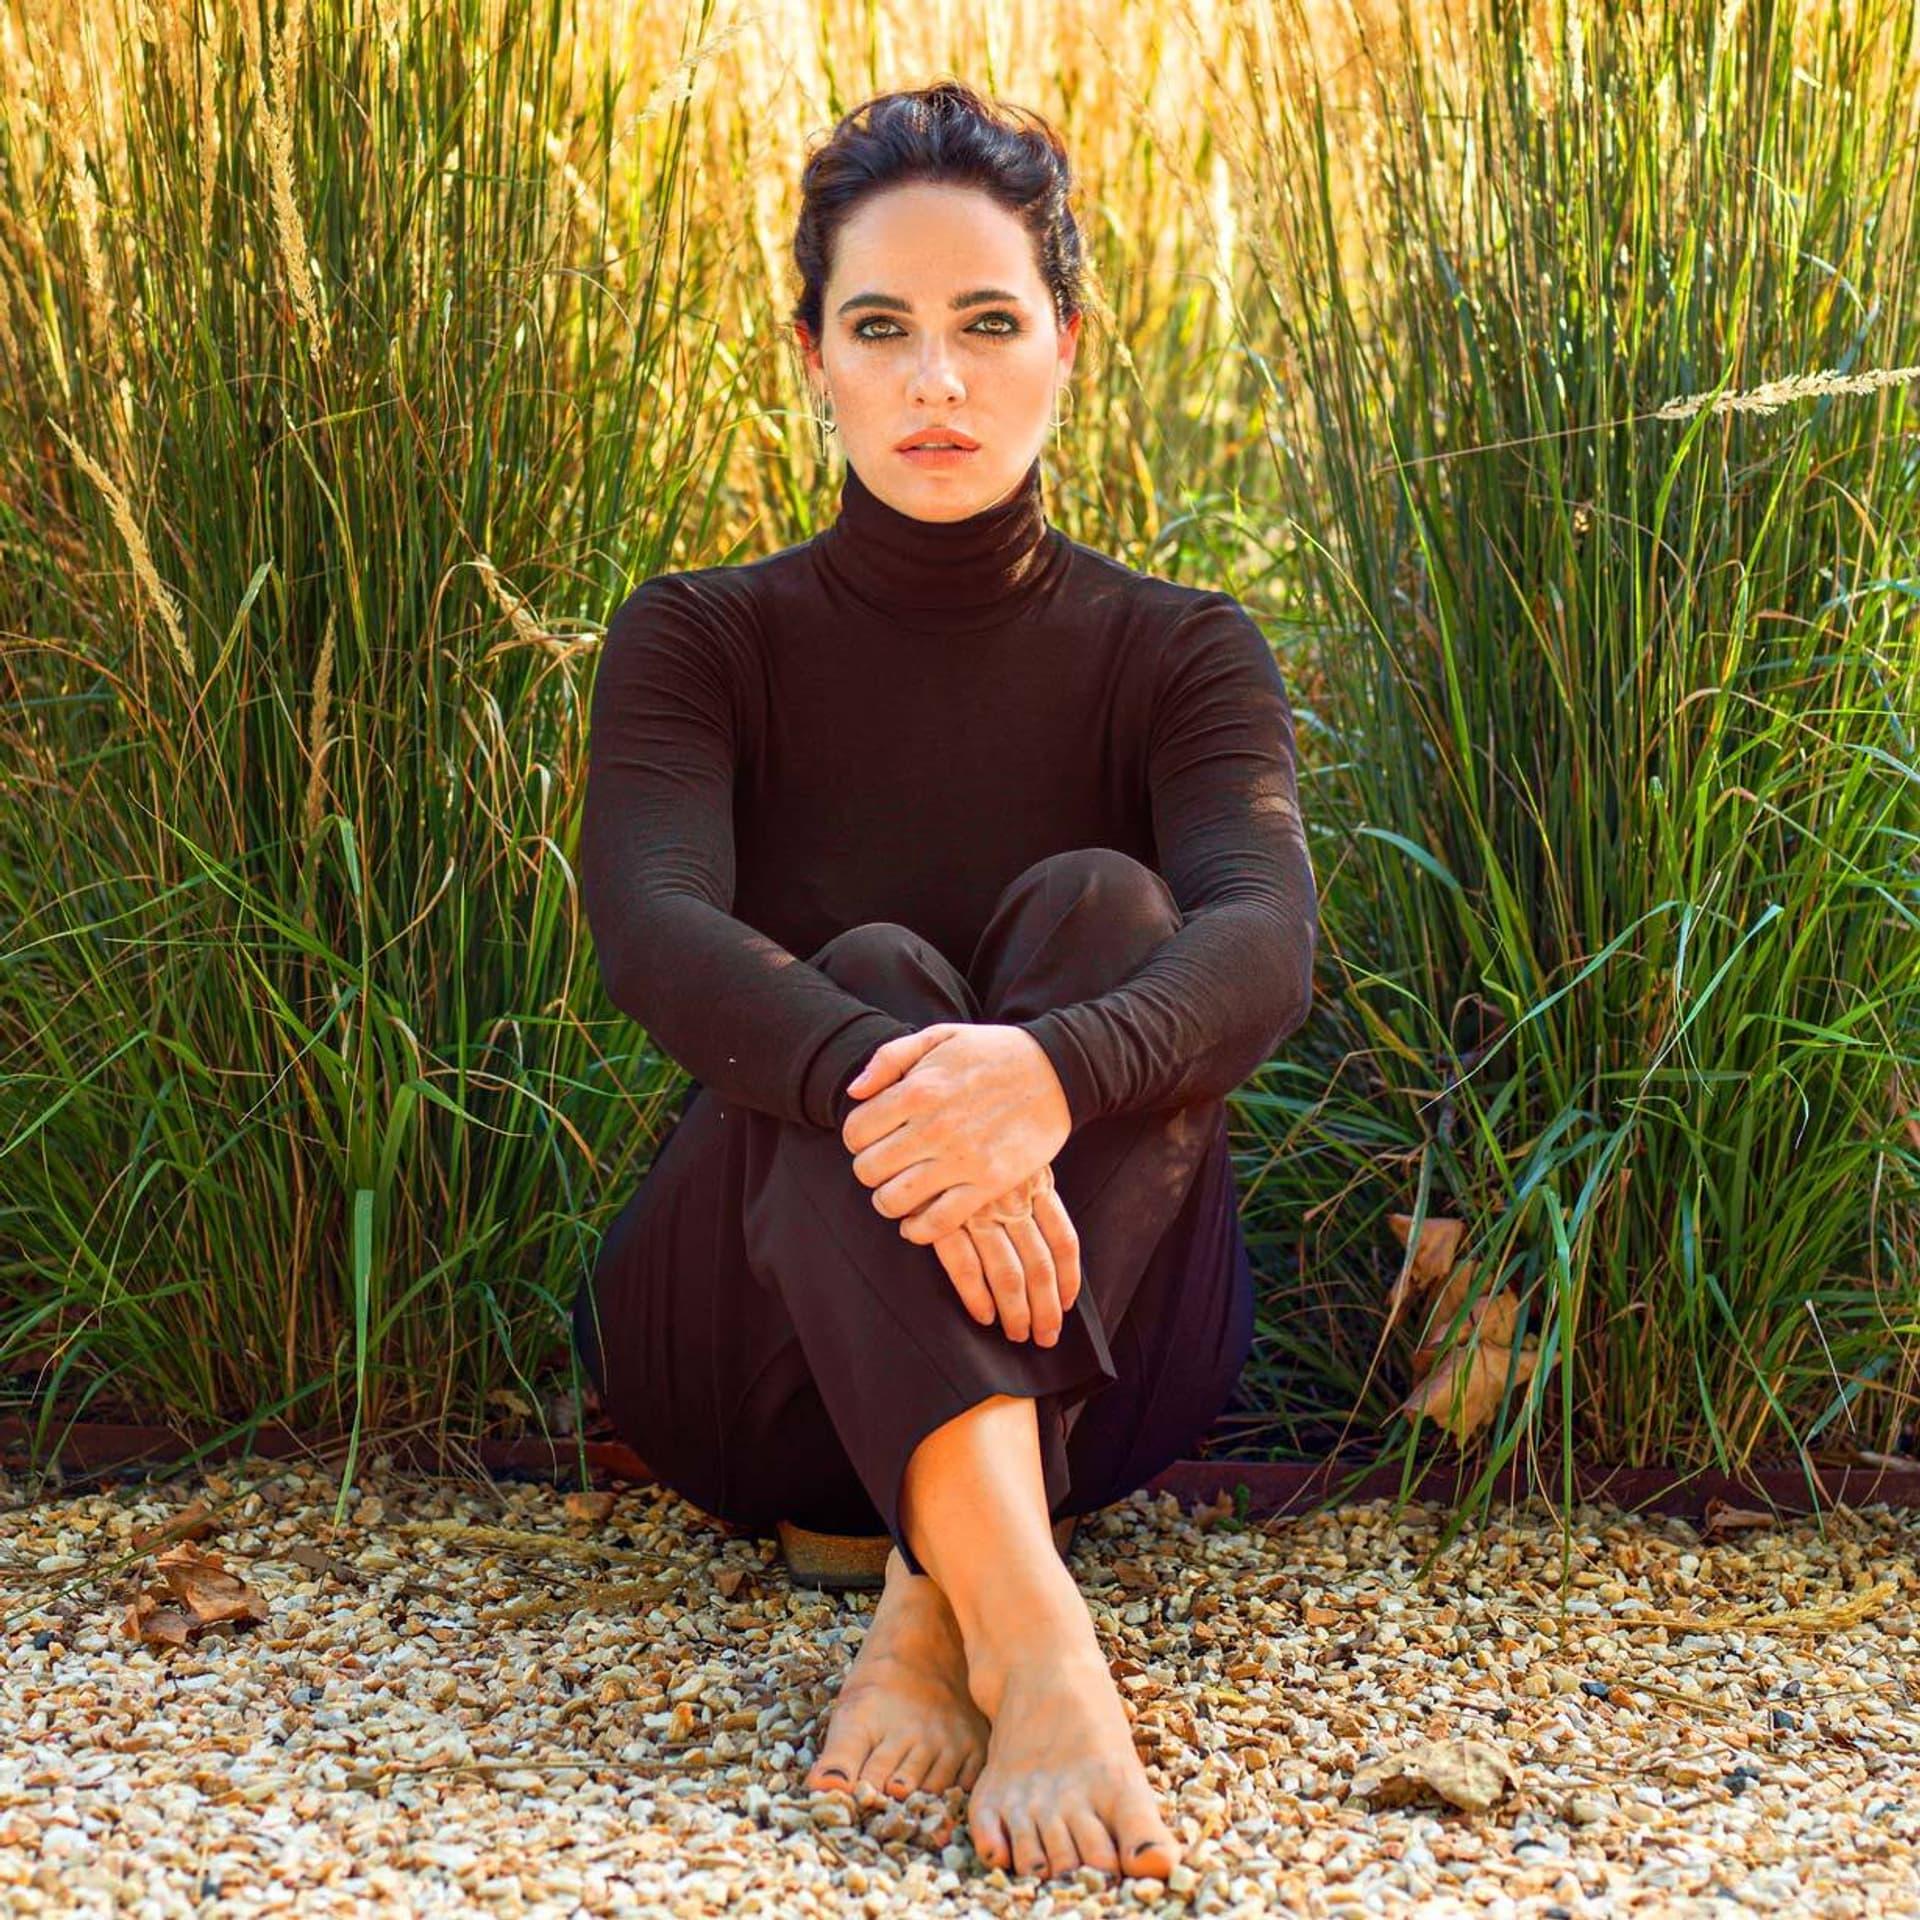 Schauspielerin Verena Altenberger, auf dem Boden sitzend, schaut in die Kamera.